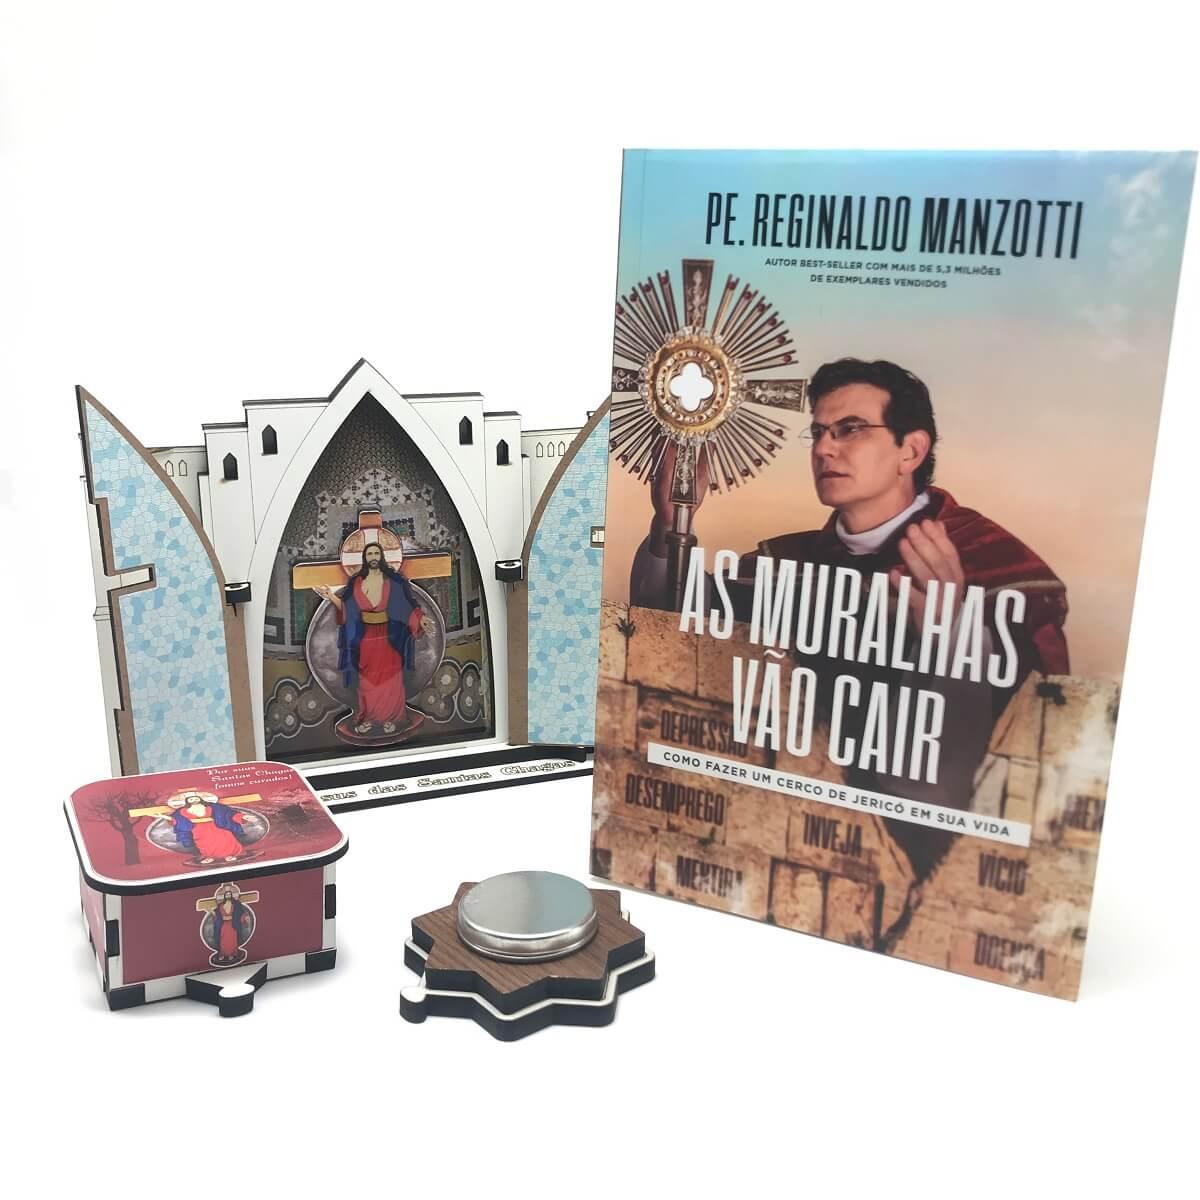 Kit Livro As Muralhas Vão Cair e Oratório Santuário das Santas Chagas